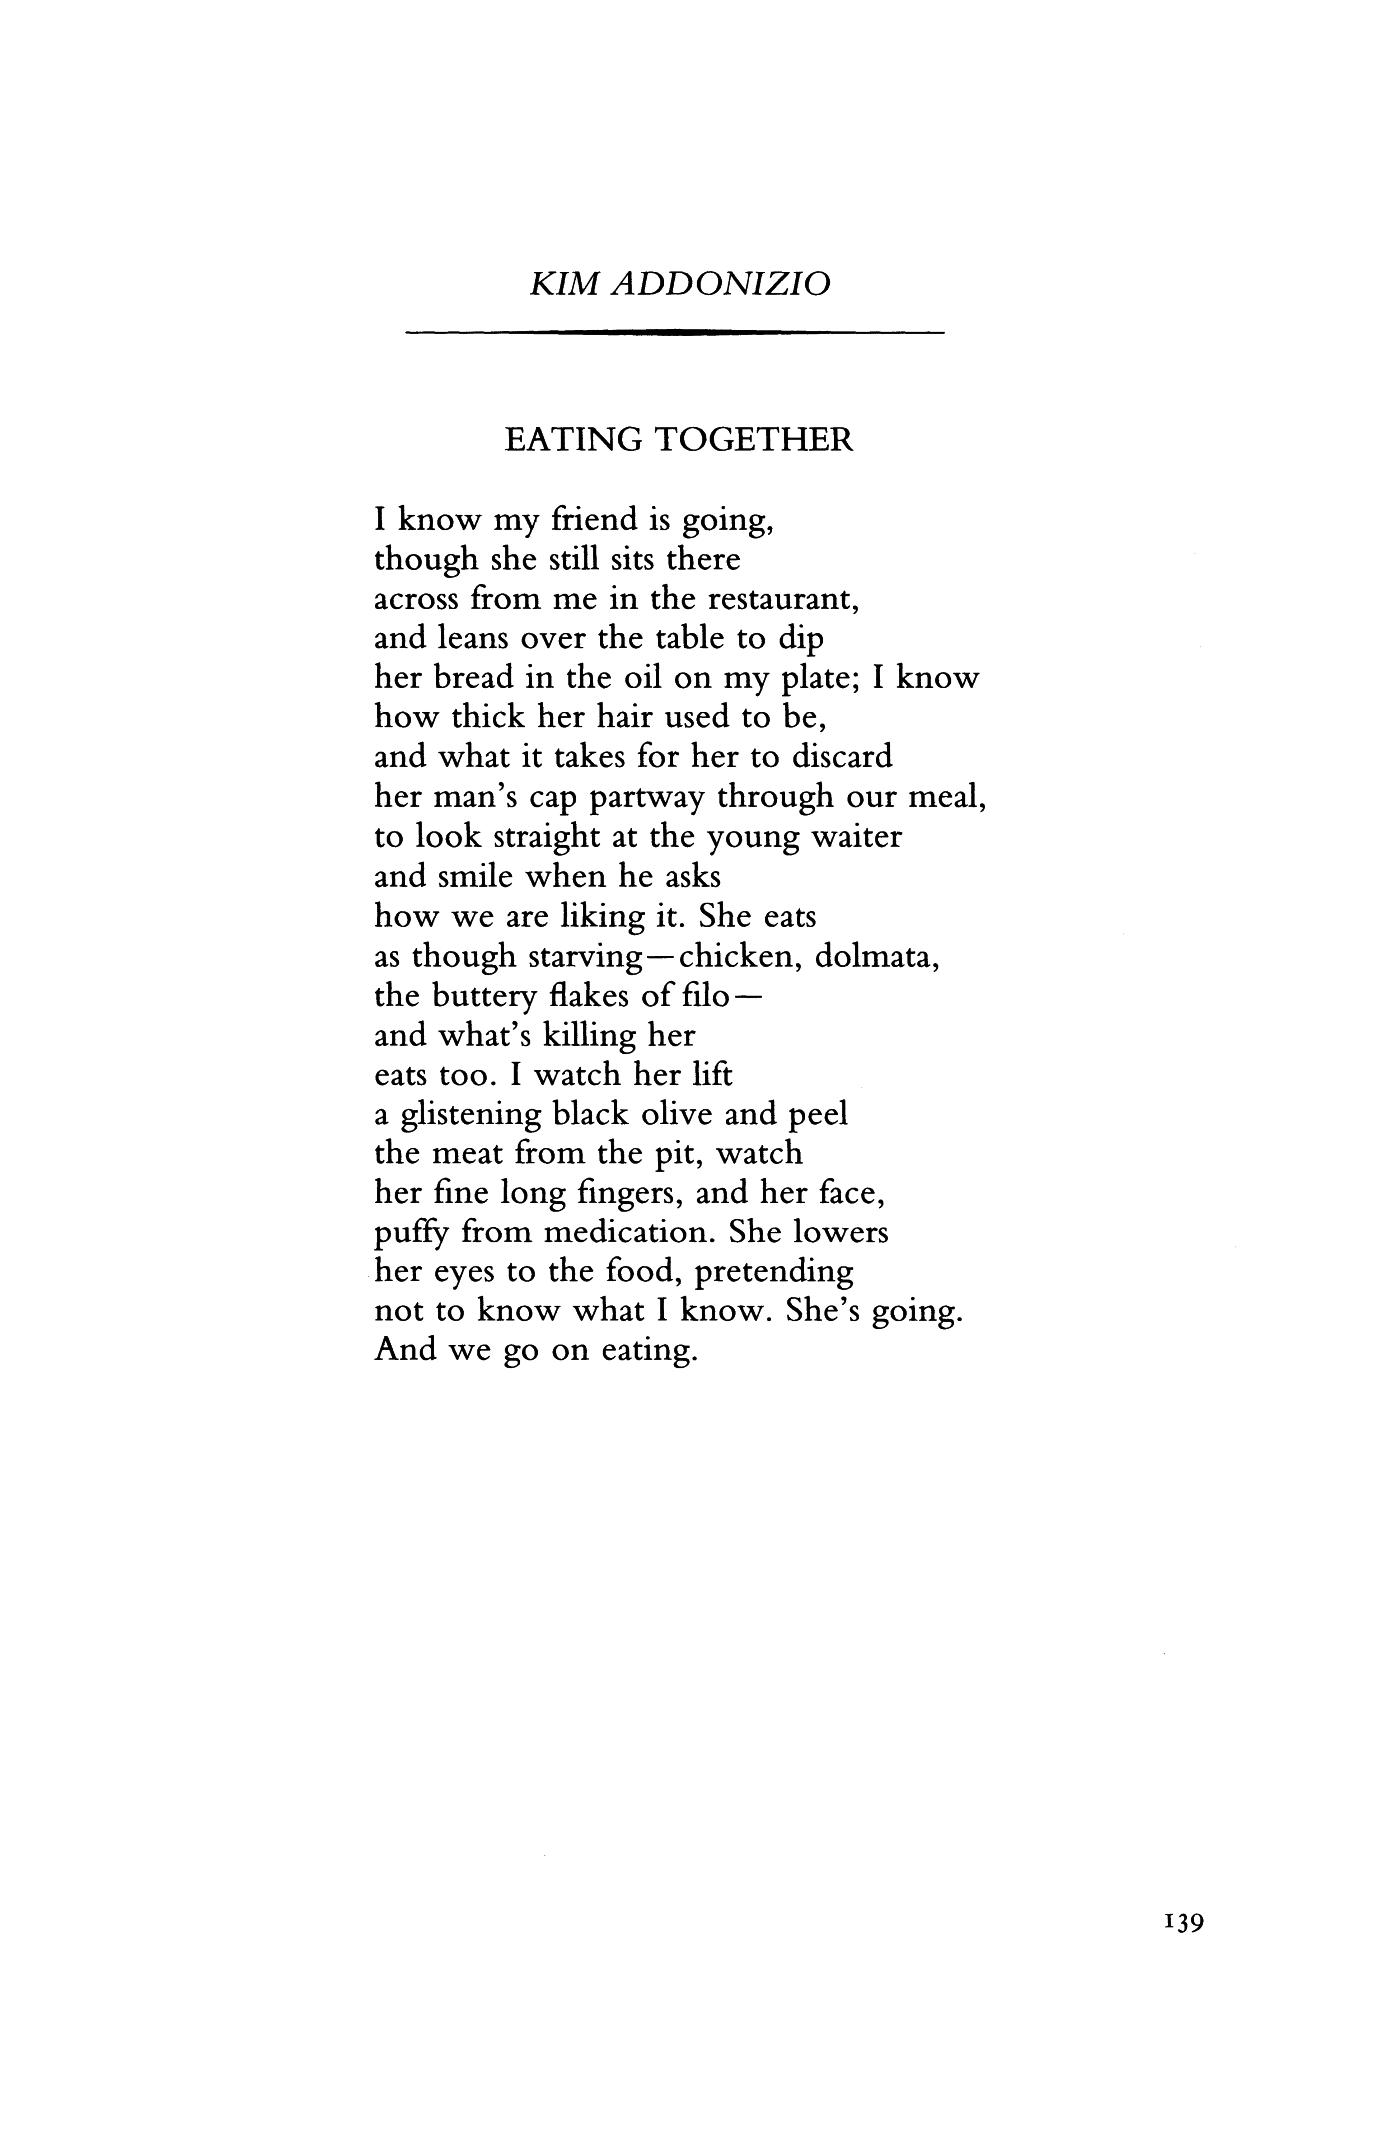 eating together poem